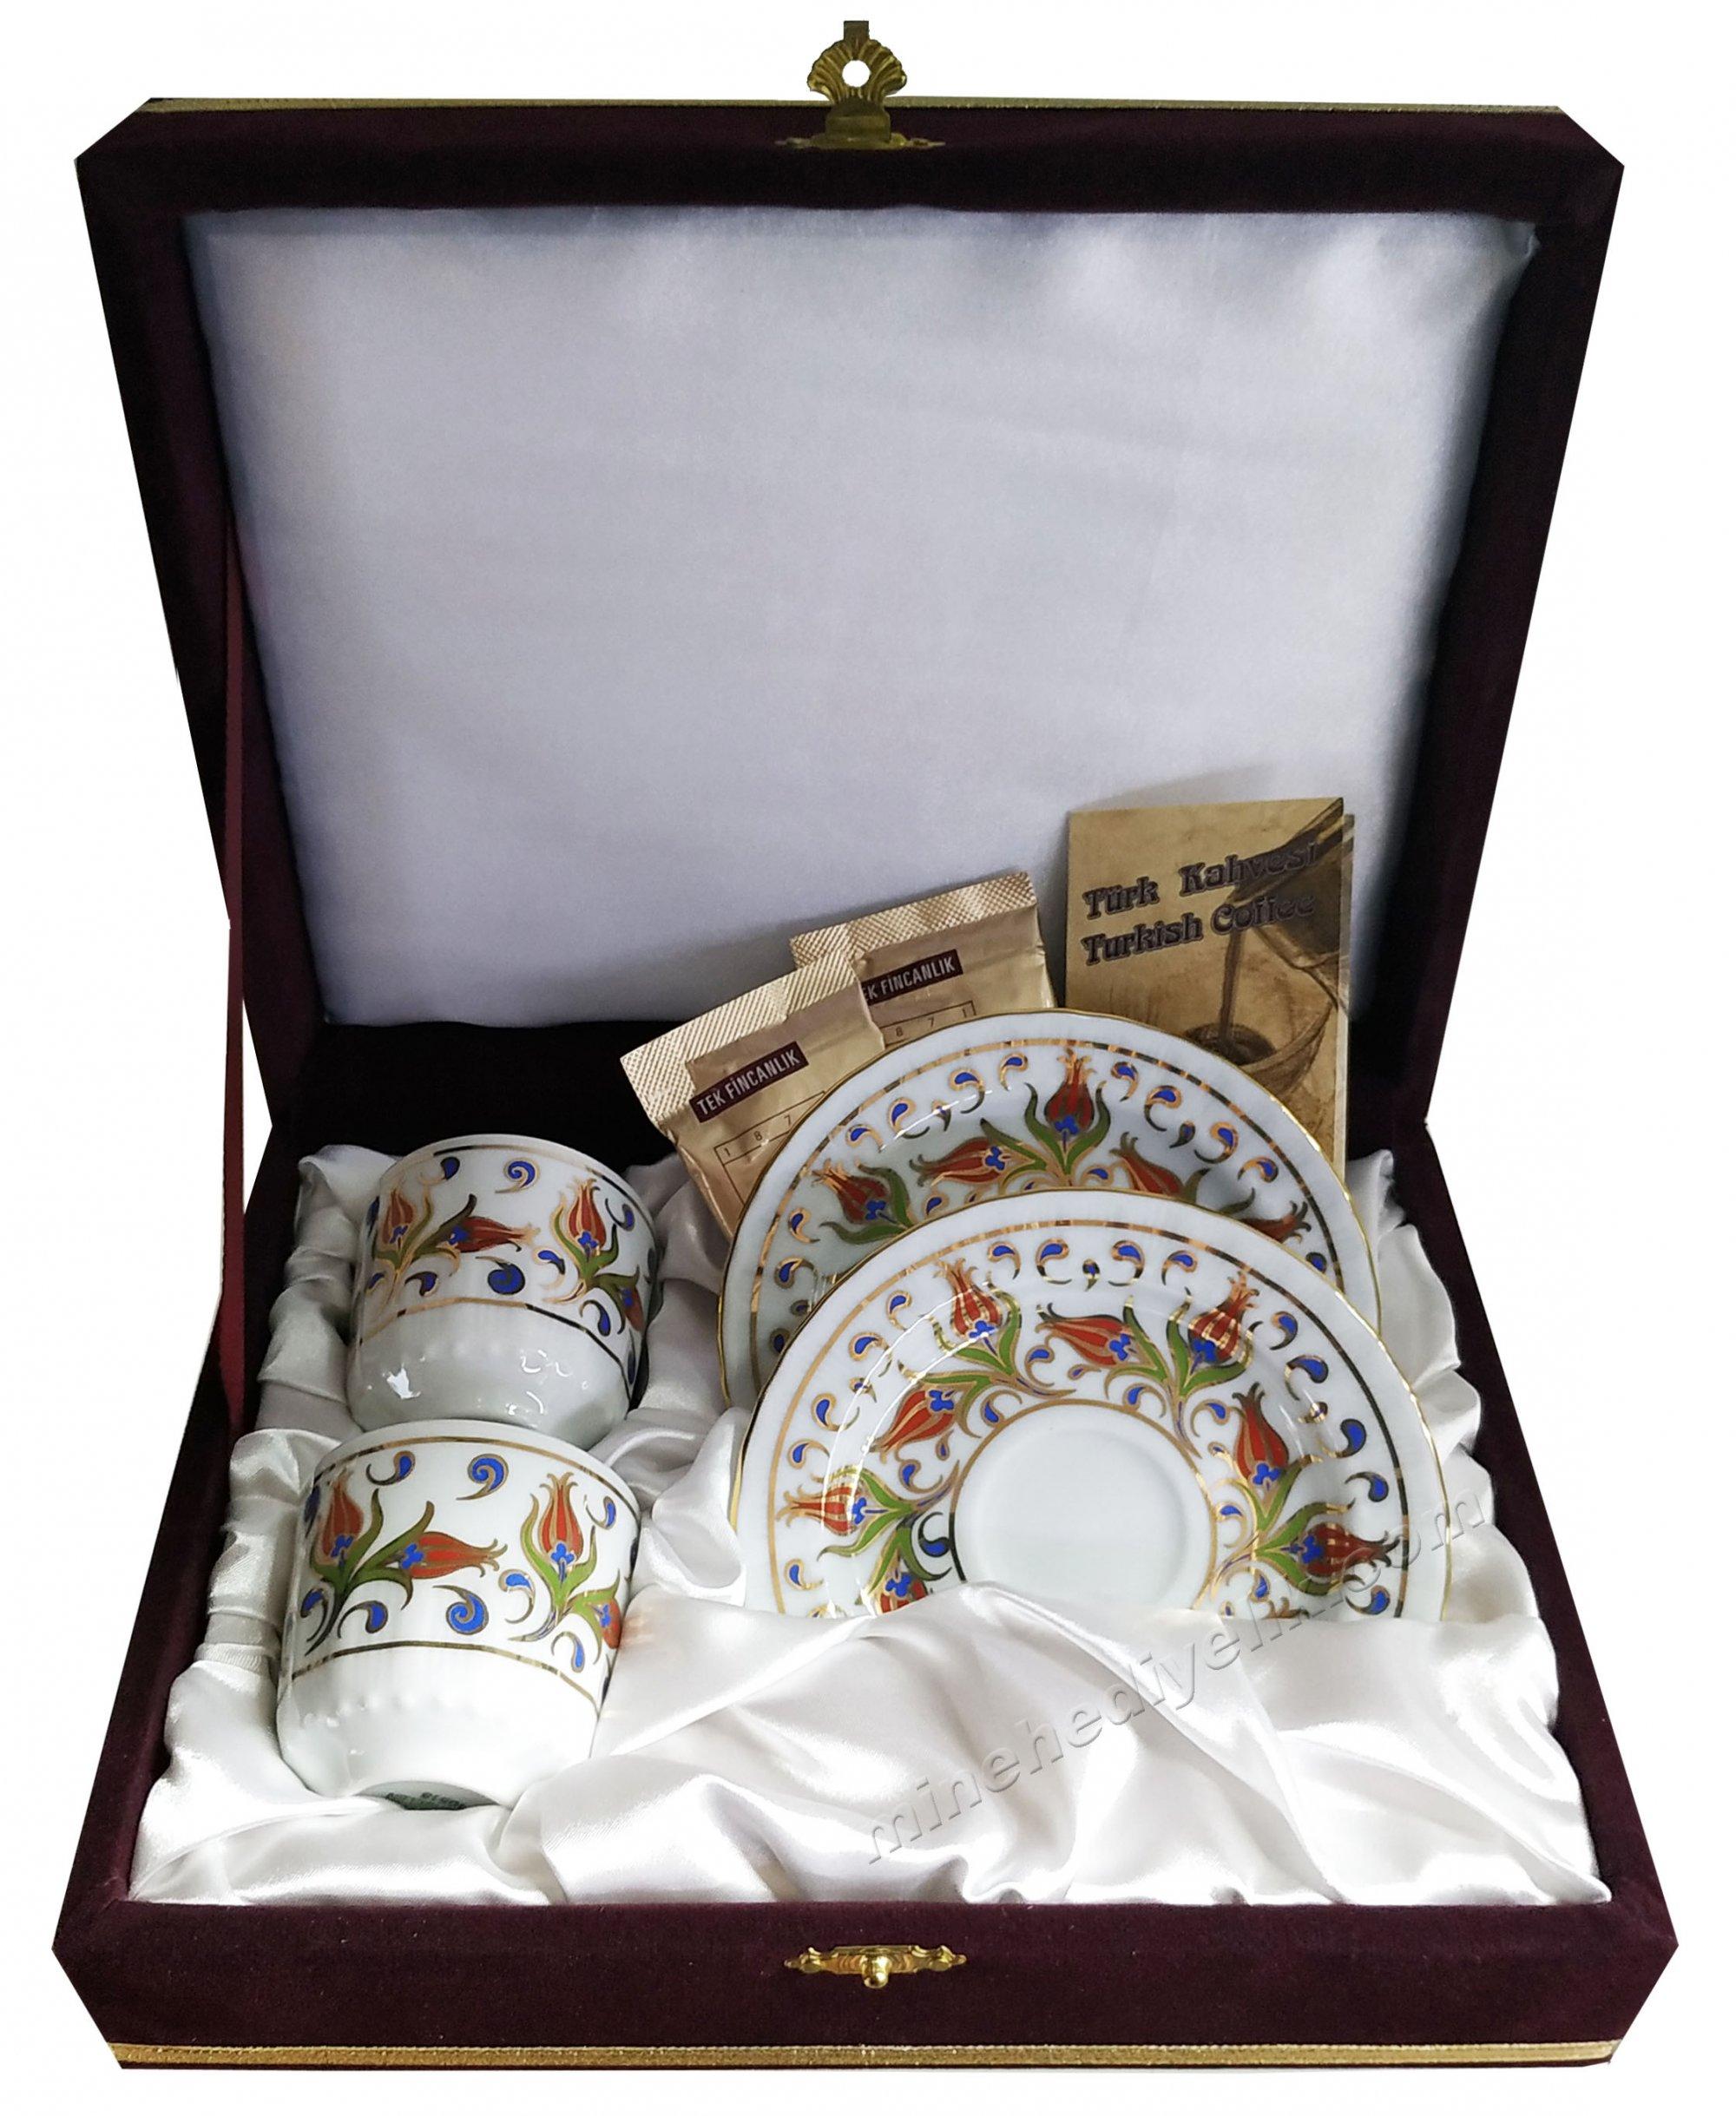 Kaliteli Kişilik Kahve Fincan Setleri Özel Tasarım Kutularda Lale Desenli Türk Kahveli 2 li keyif seti Osmanlı